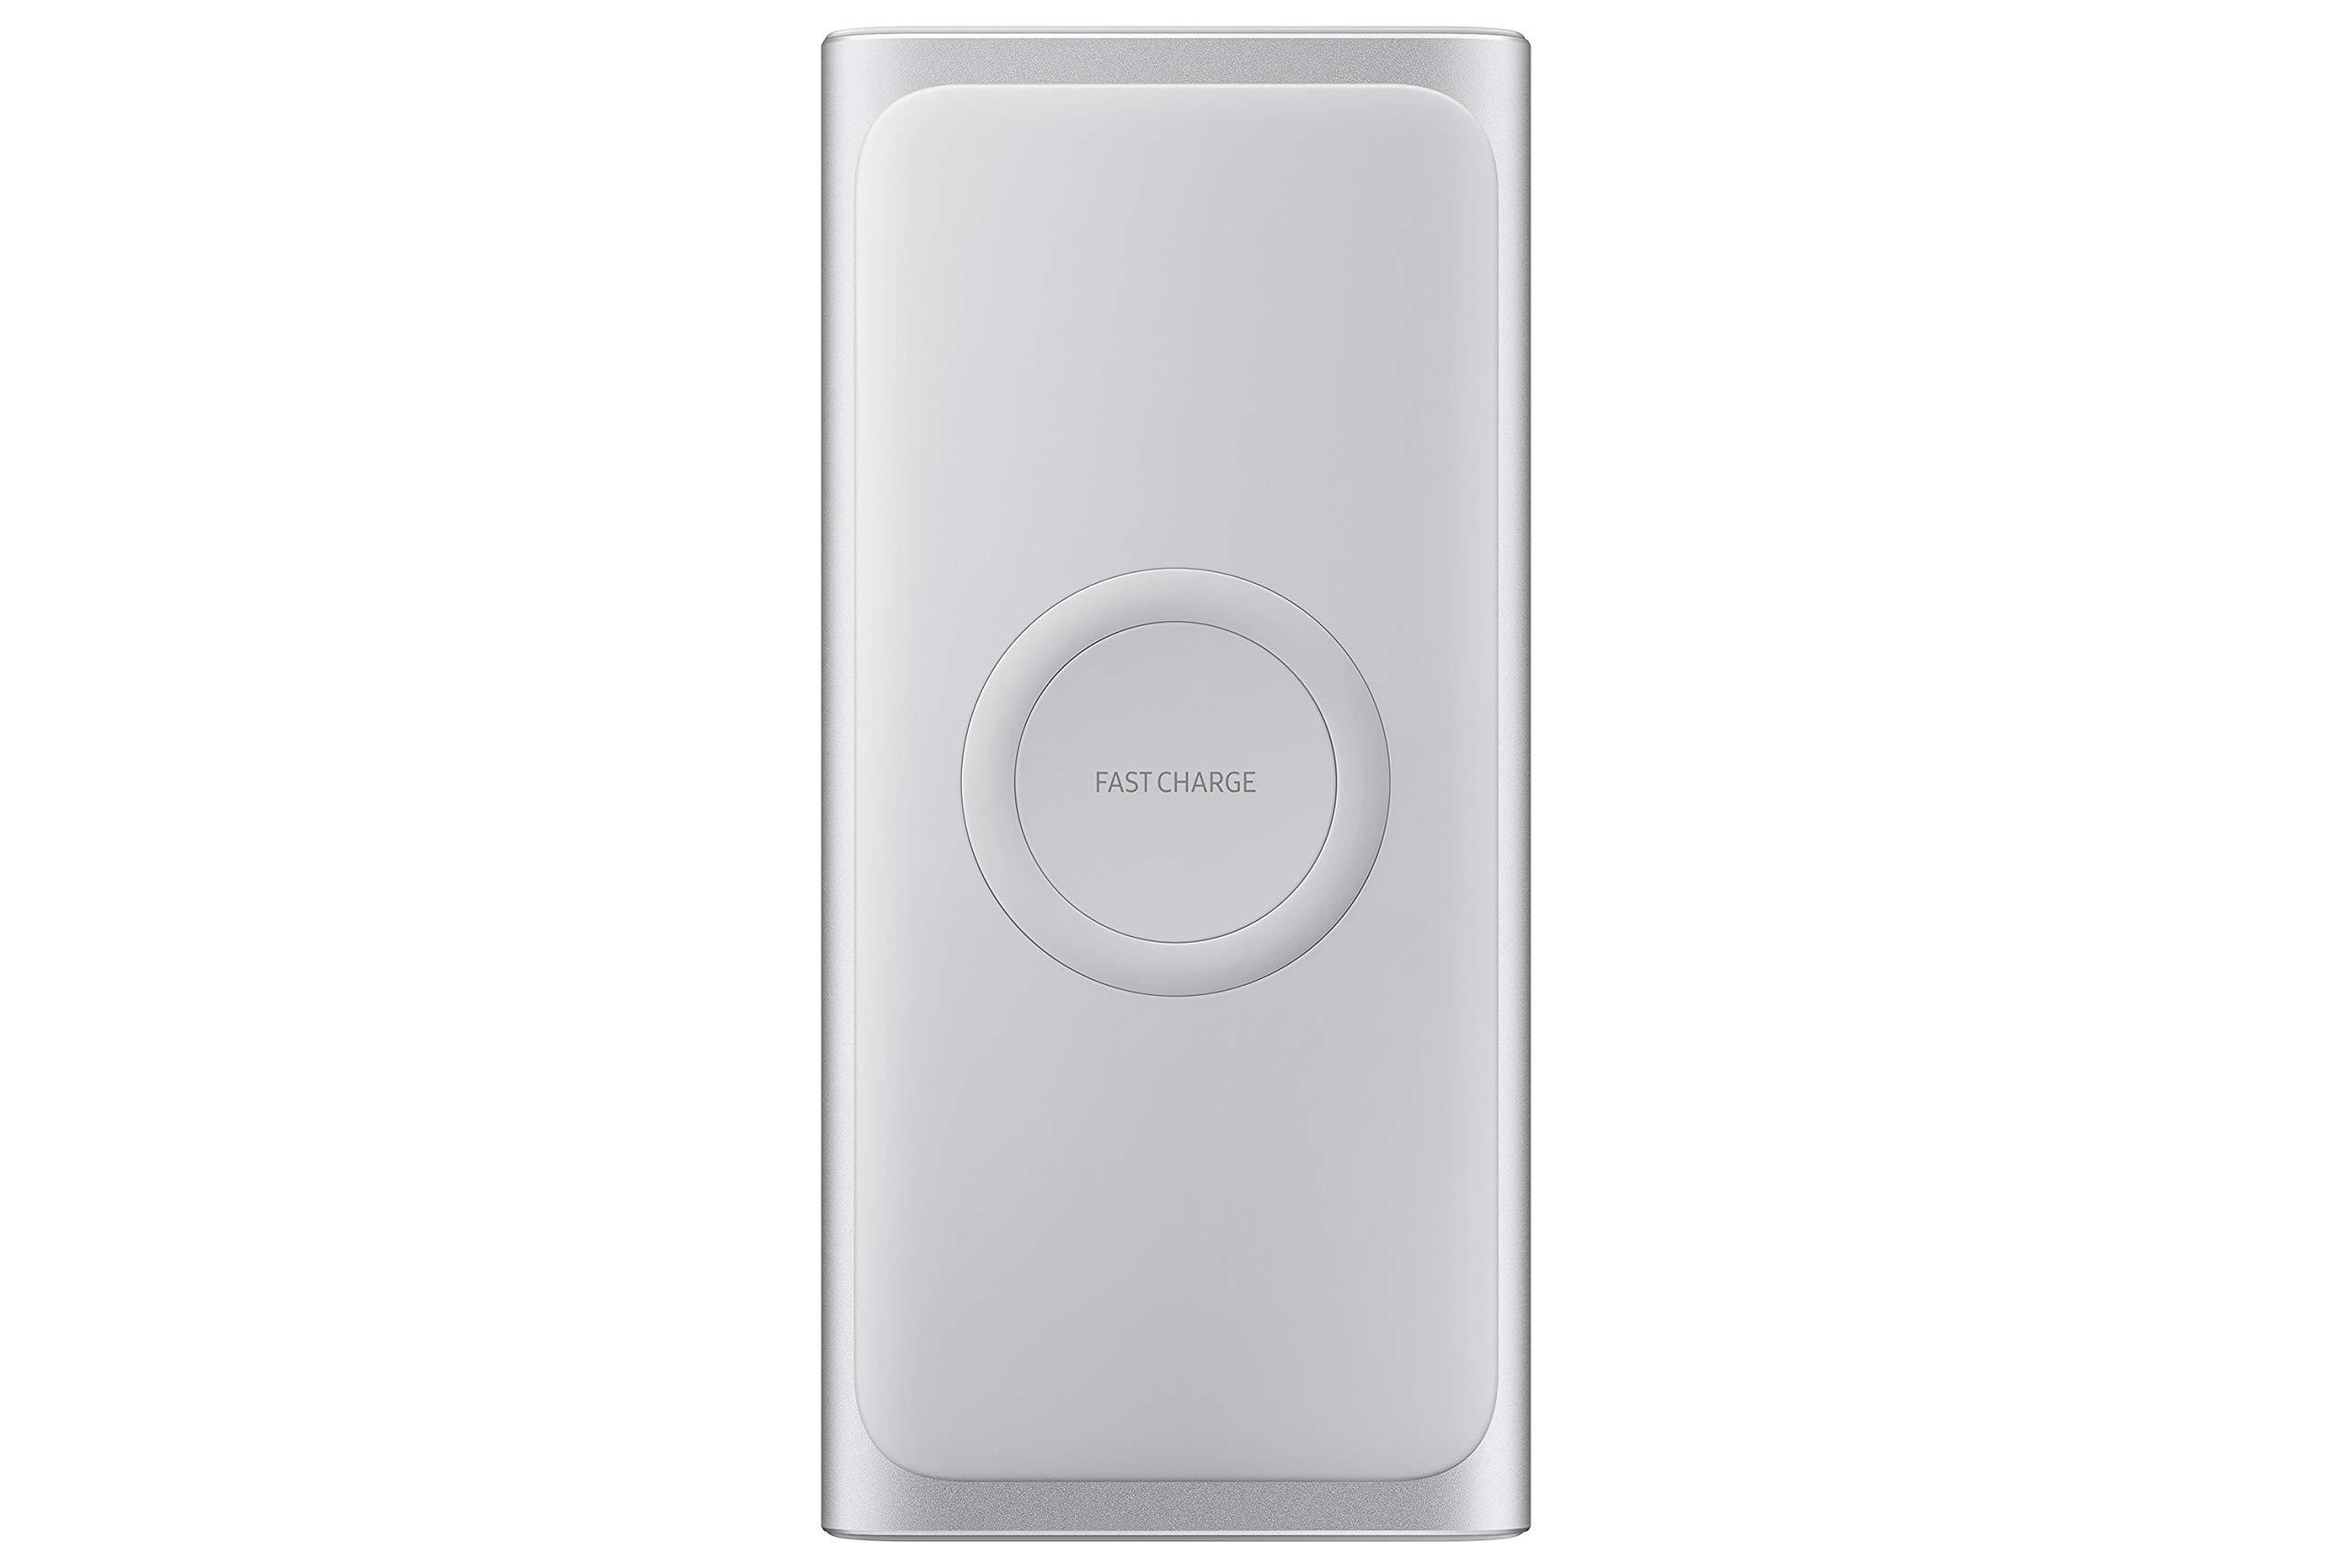 Samsung 2-en-1 Cargador inalámbrico portátil de Carga rápida y batería 10,000 mAh, Plata (Versión de EE. UU. con garantía): Amazon.es: Electrónica